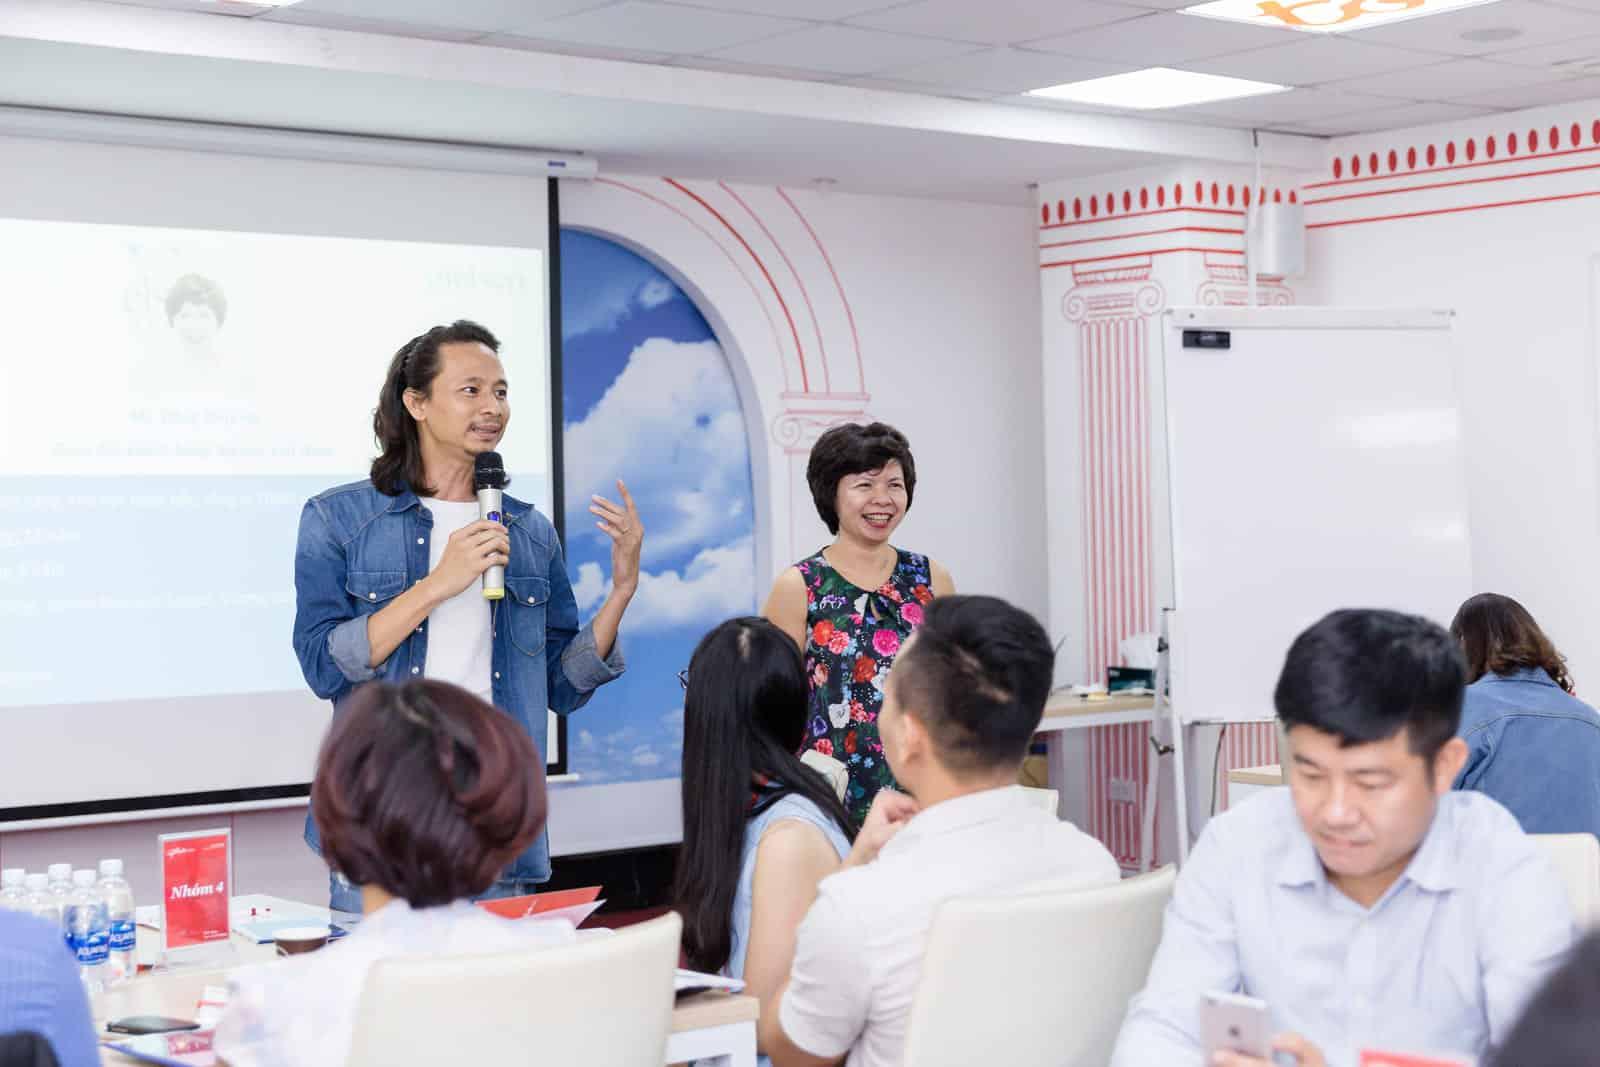 Insight - Kim chỉ nam cho mọi hoạt động marketing và xây dựng thương hiệu.